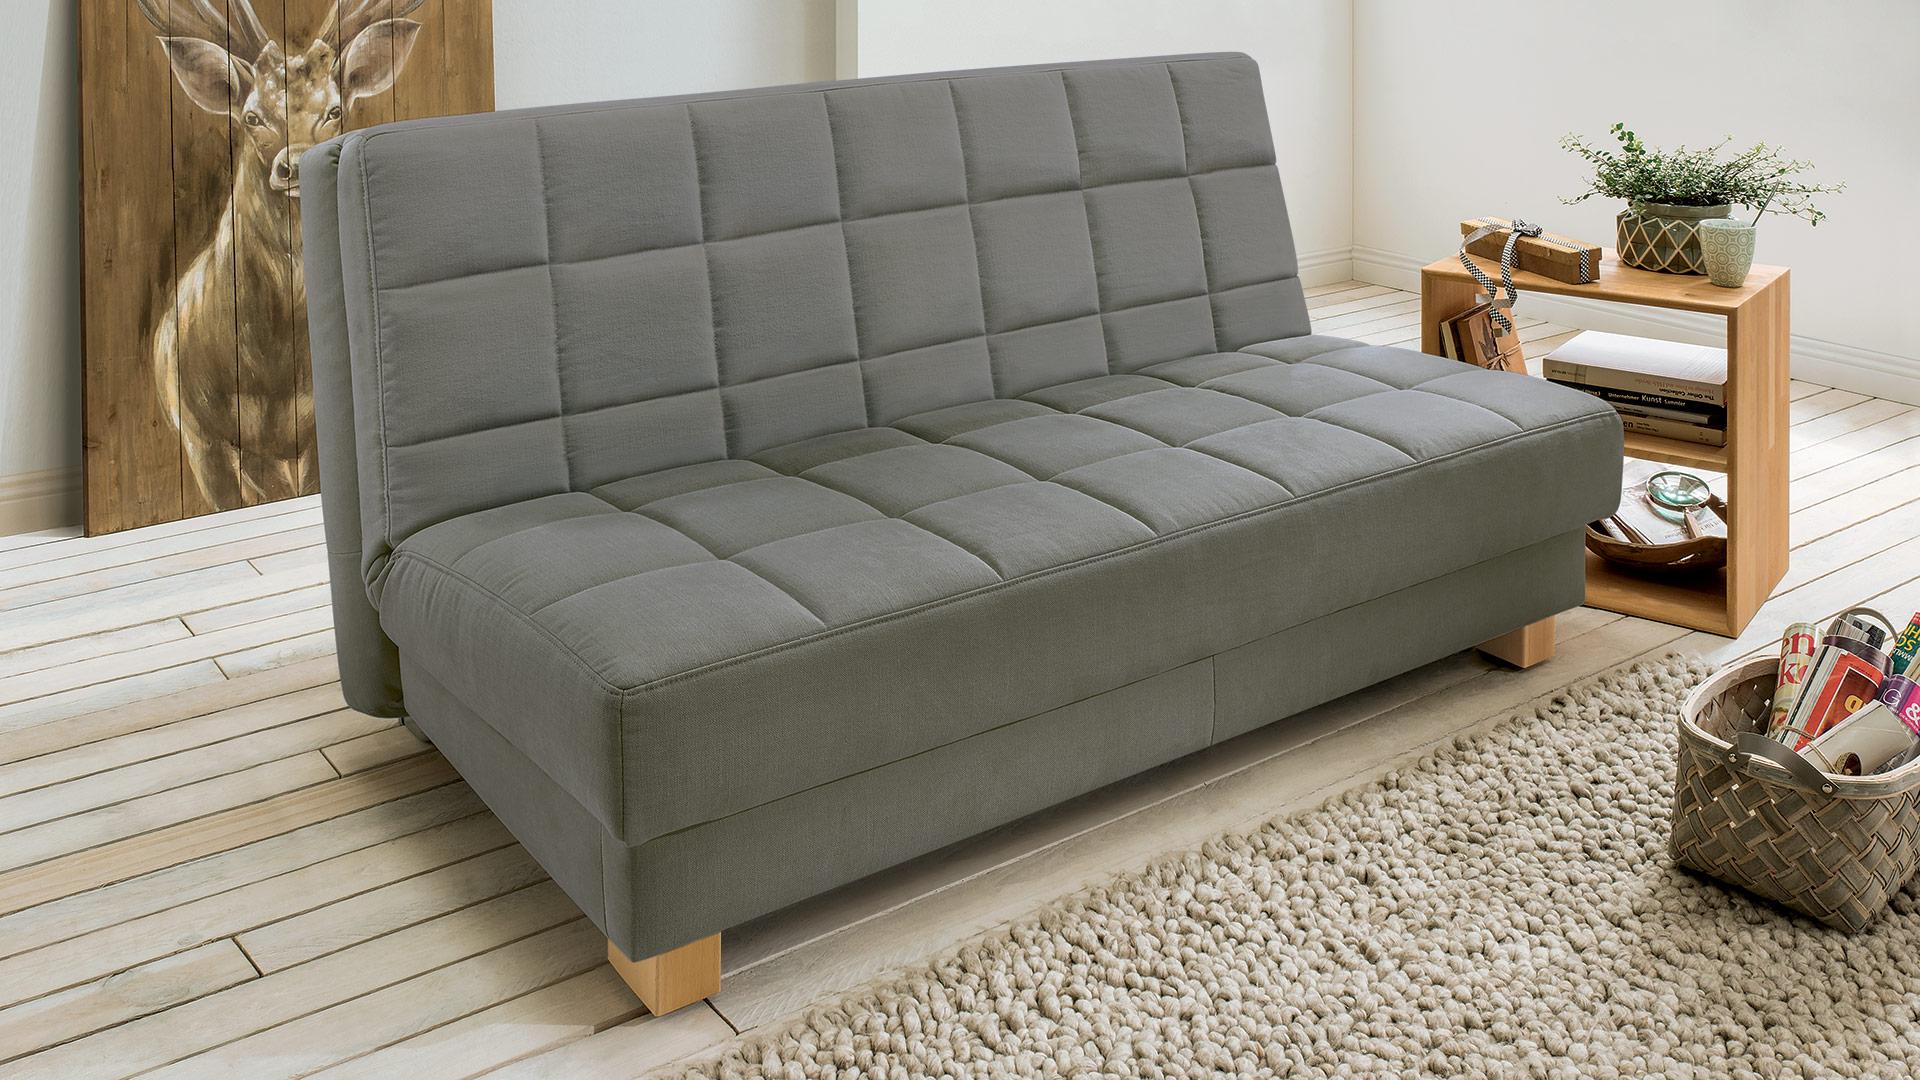 Full Size of Modernes Betten 200x200 Bett Weiß Schlafsofa Liegefläche 160x200 Mit Bettkasten Komforthöhe 180x200 Stauraum Wohnzimmer Schlafsofa 200x200